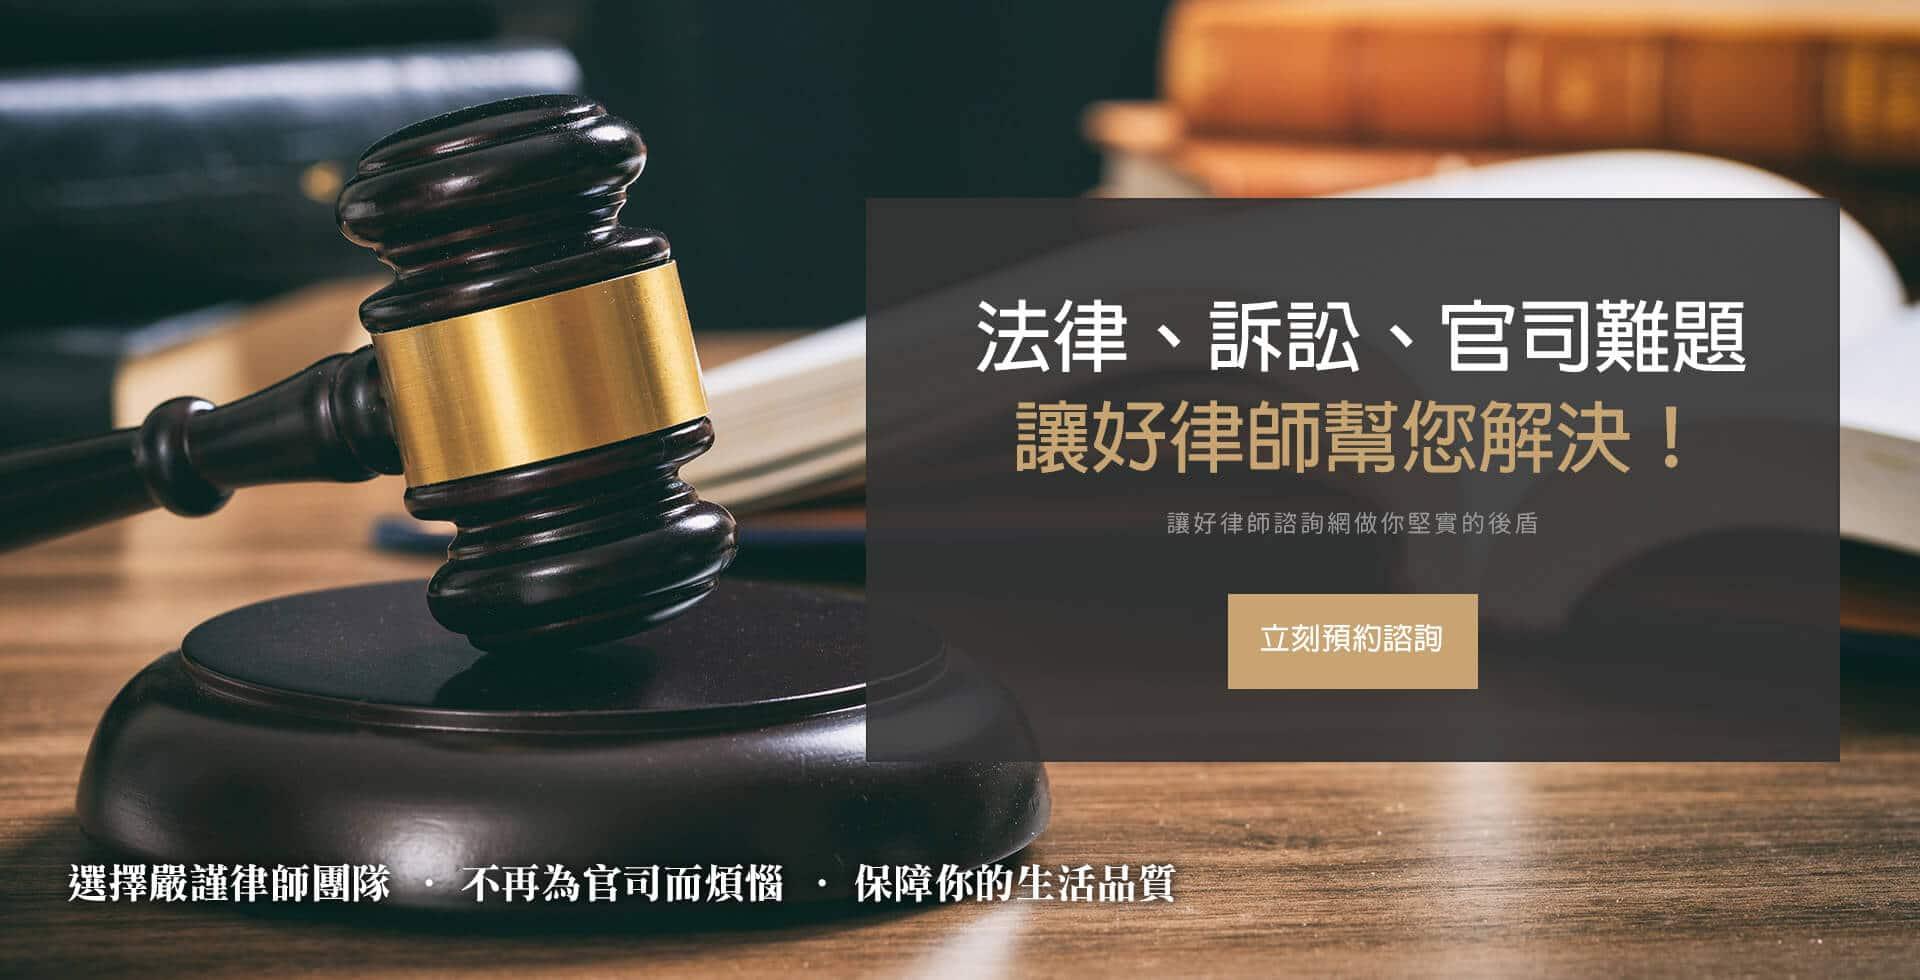 立即免費法律諮詢